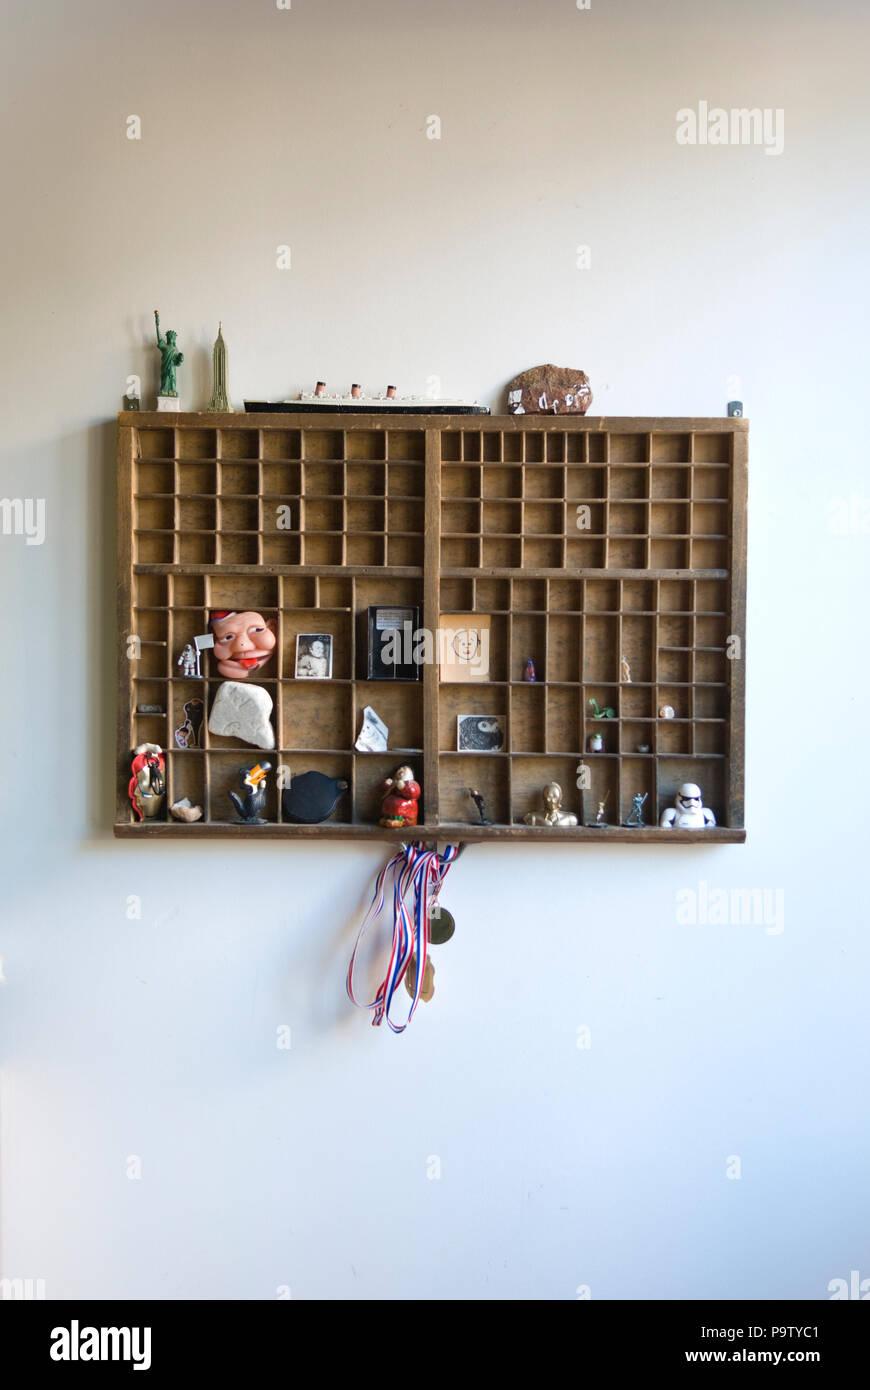 Innere Aufnahme der alten Druckern Schublade auf Wand der Kid's Schlafzimmer mit einem vielseitigen Angebot an Objekten, einschließlich altes Spielzeug Liner und Figuren gefüllt Stockbild